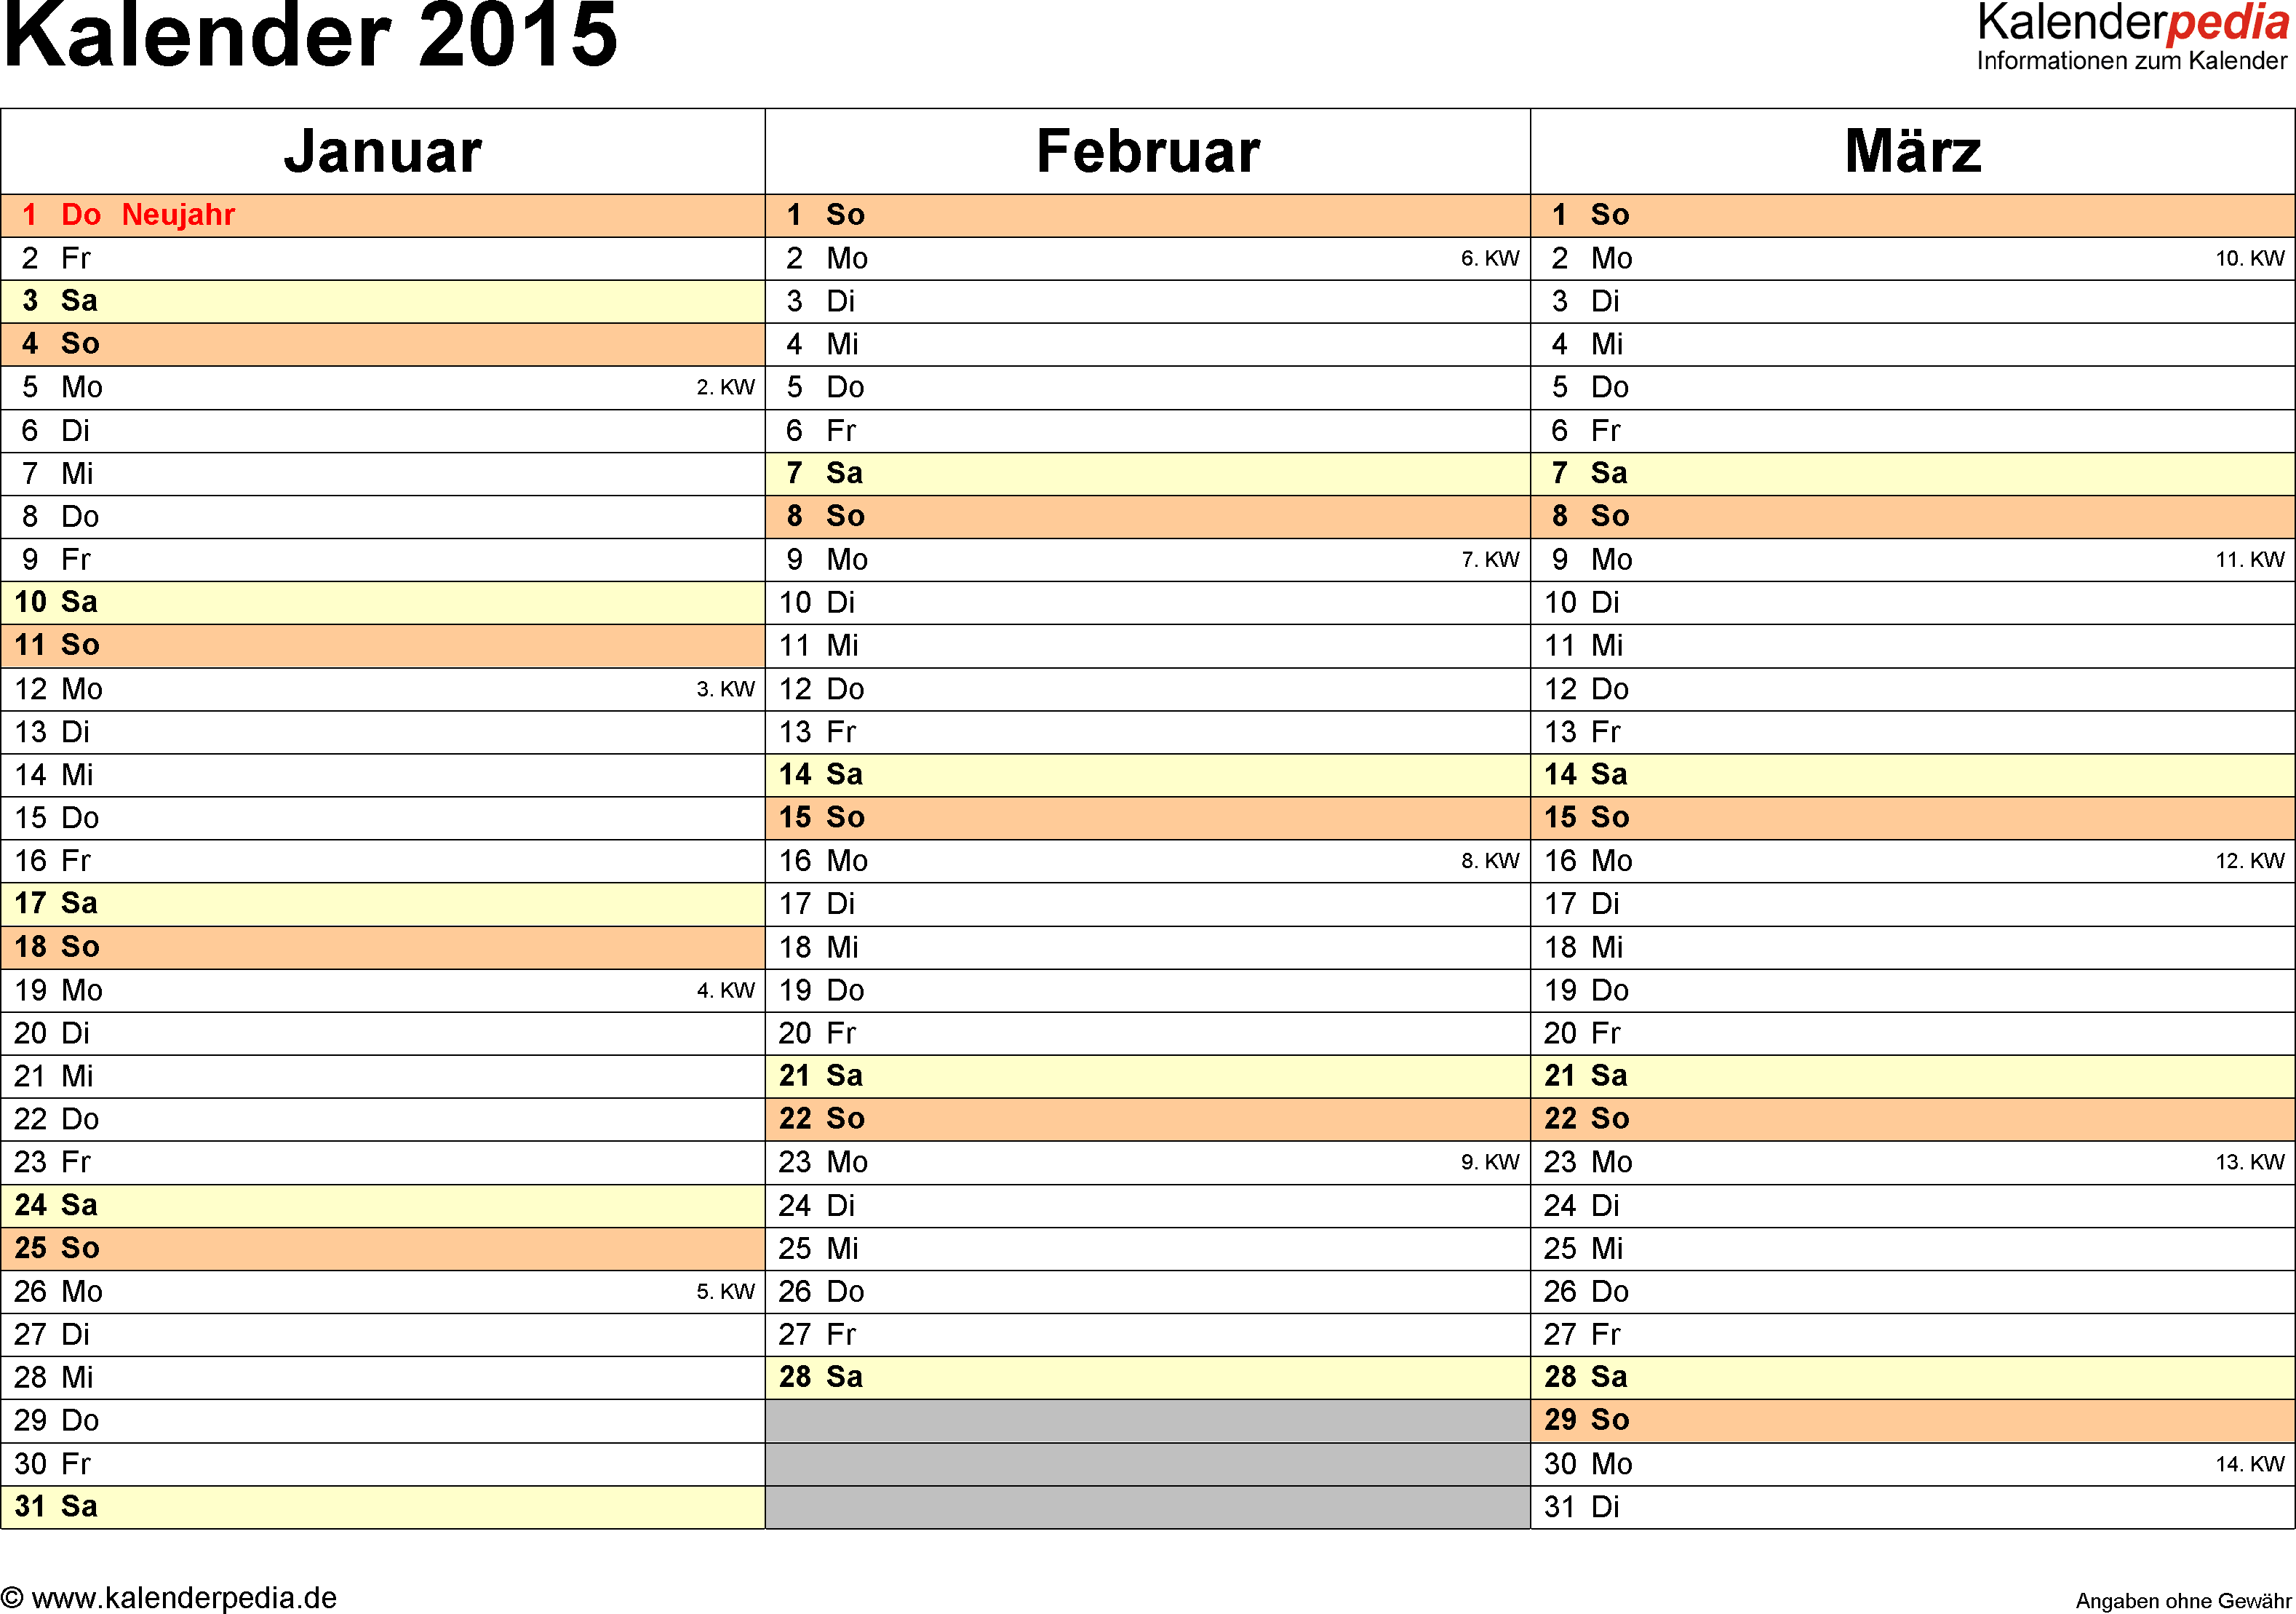 Word-Kalender 2015 Vorlage 5: Querformat, 4 Seiten, jedes Quartal auf einer Seite